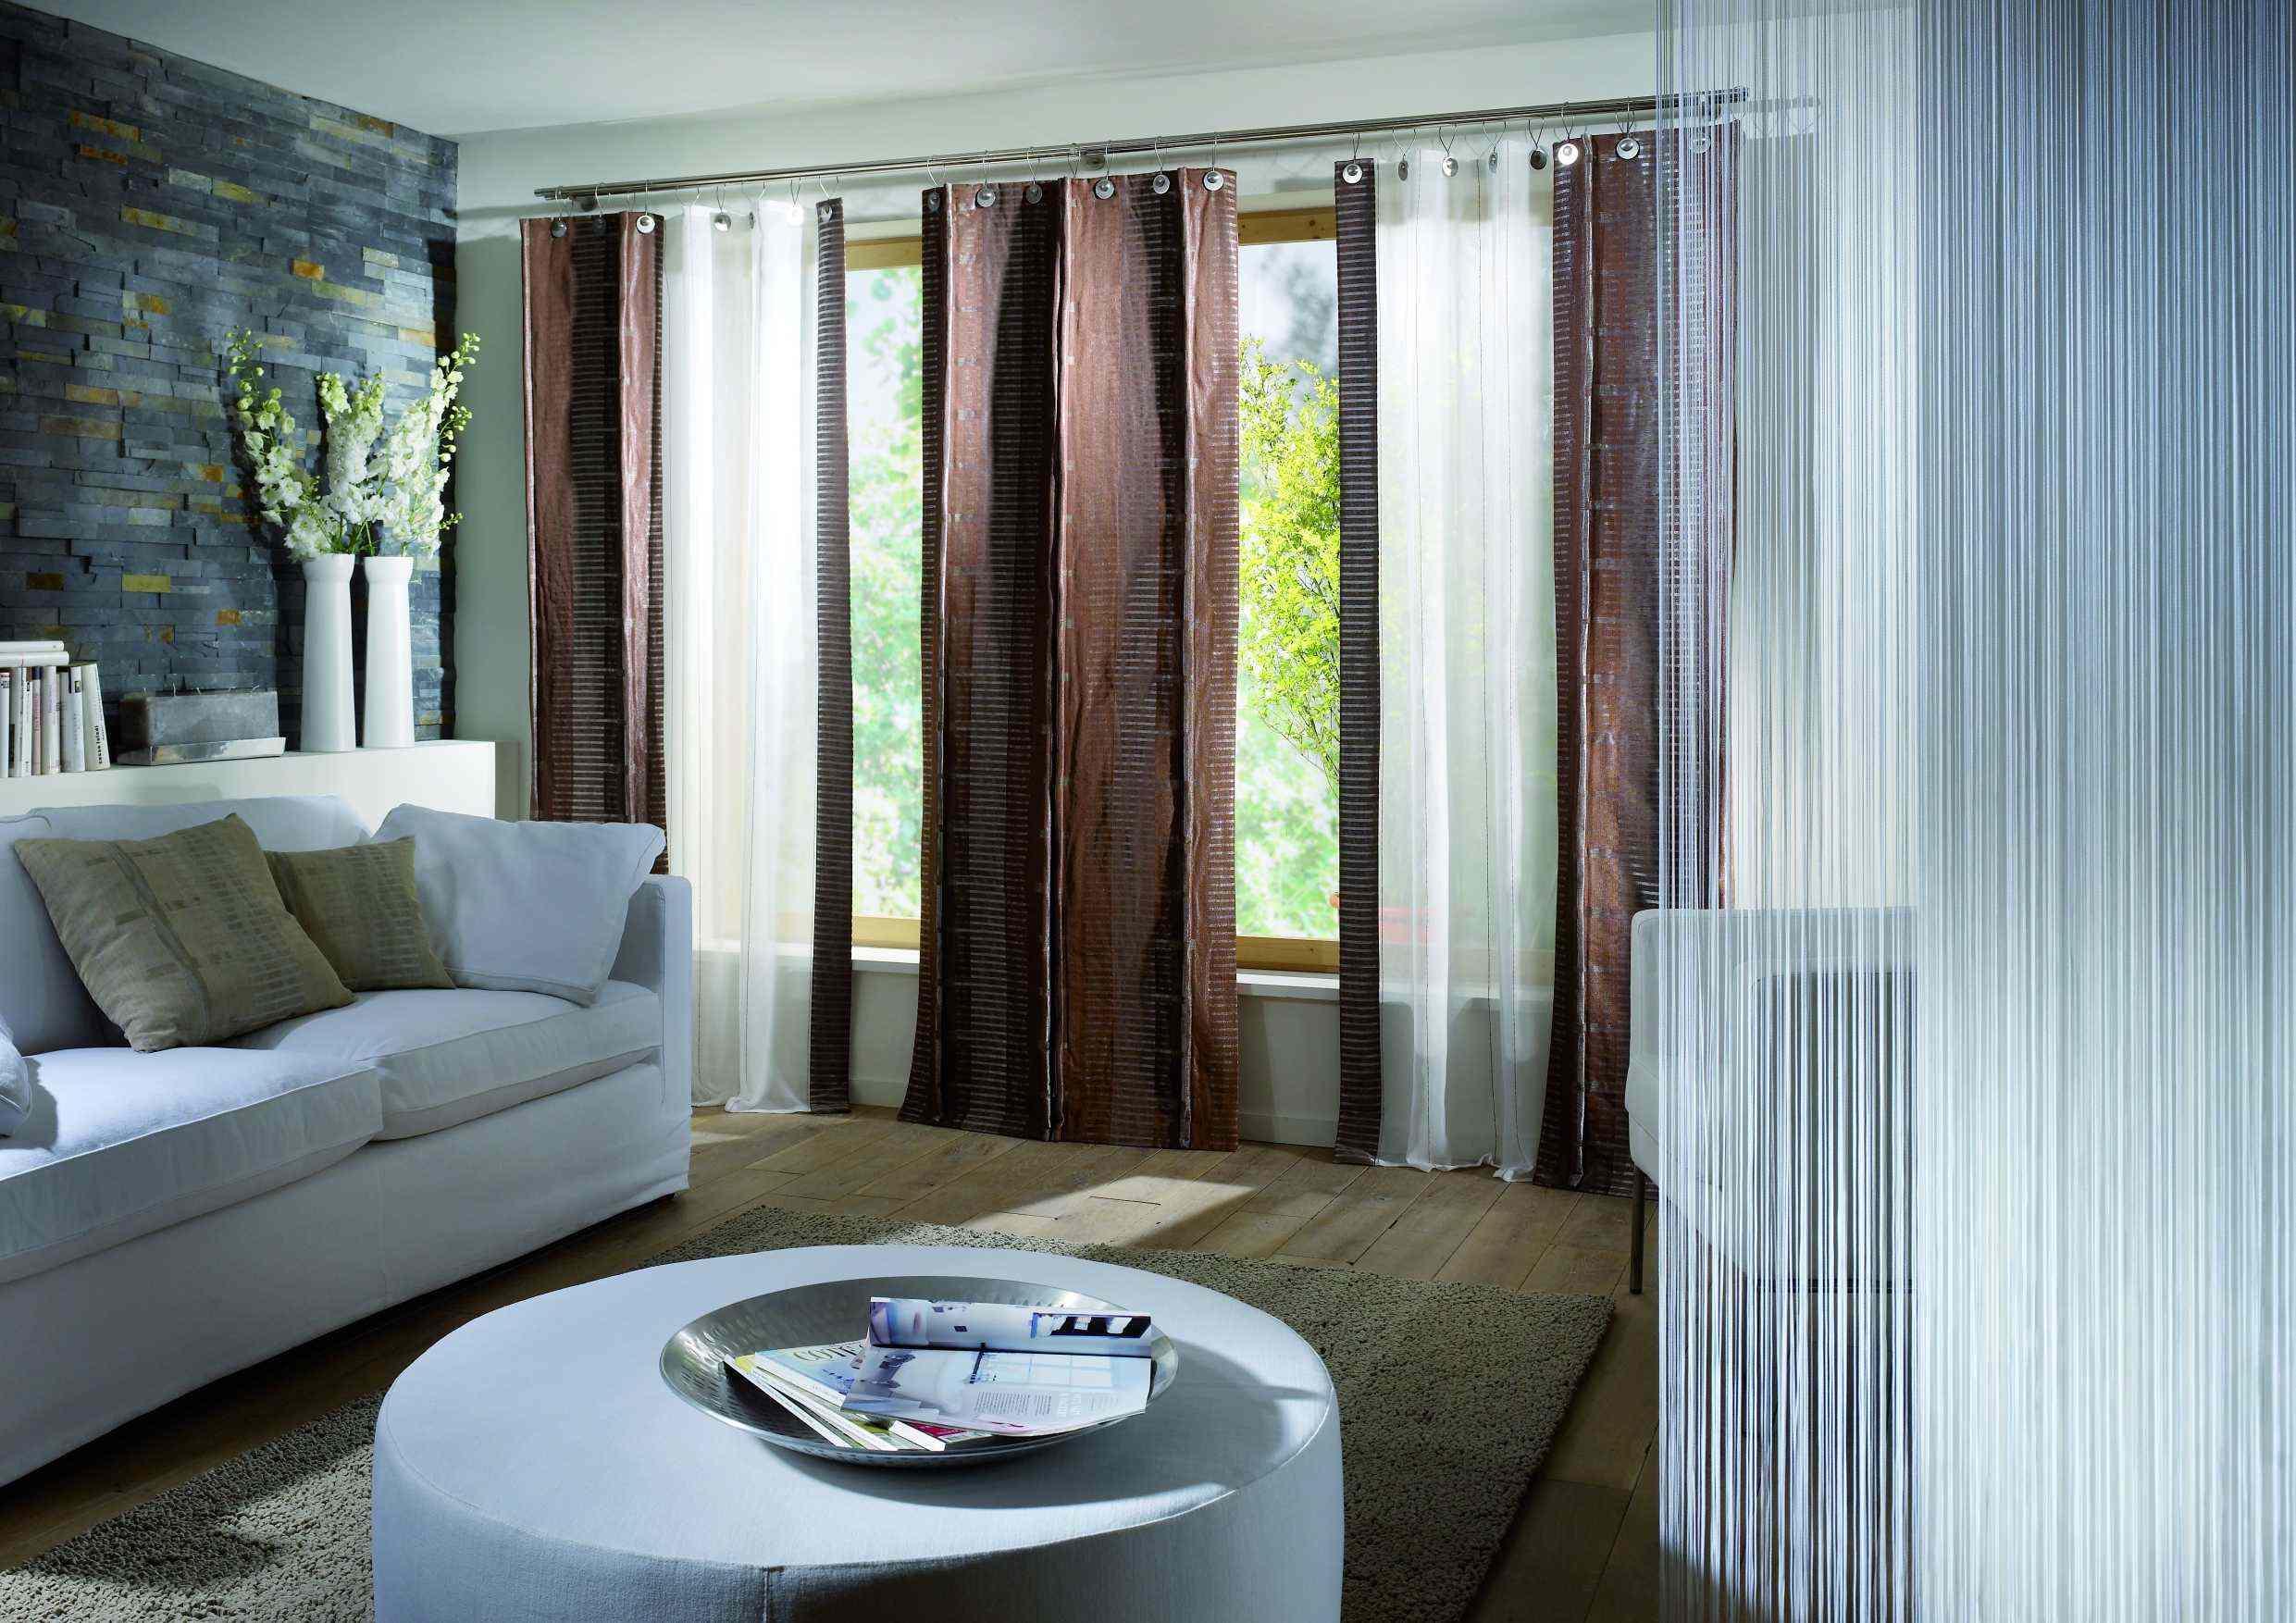 Idea langsir ruang tamu dengan sofa putih